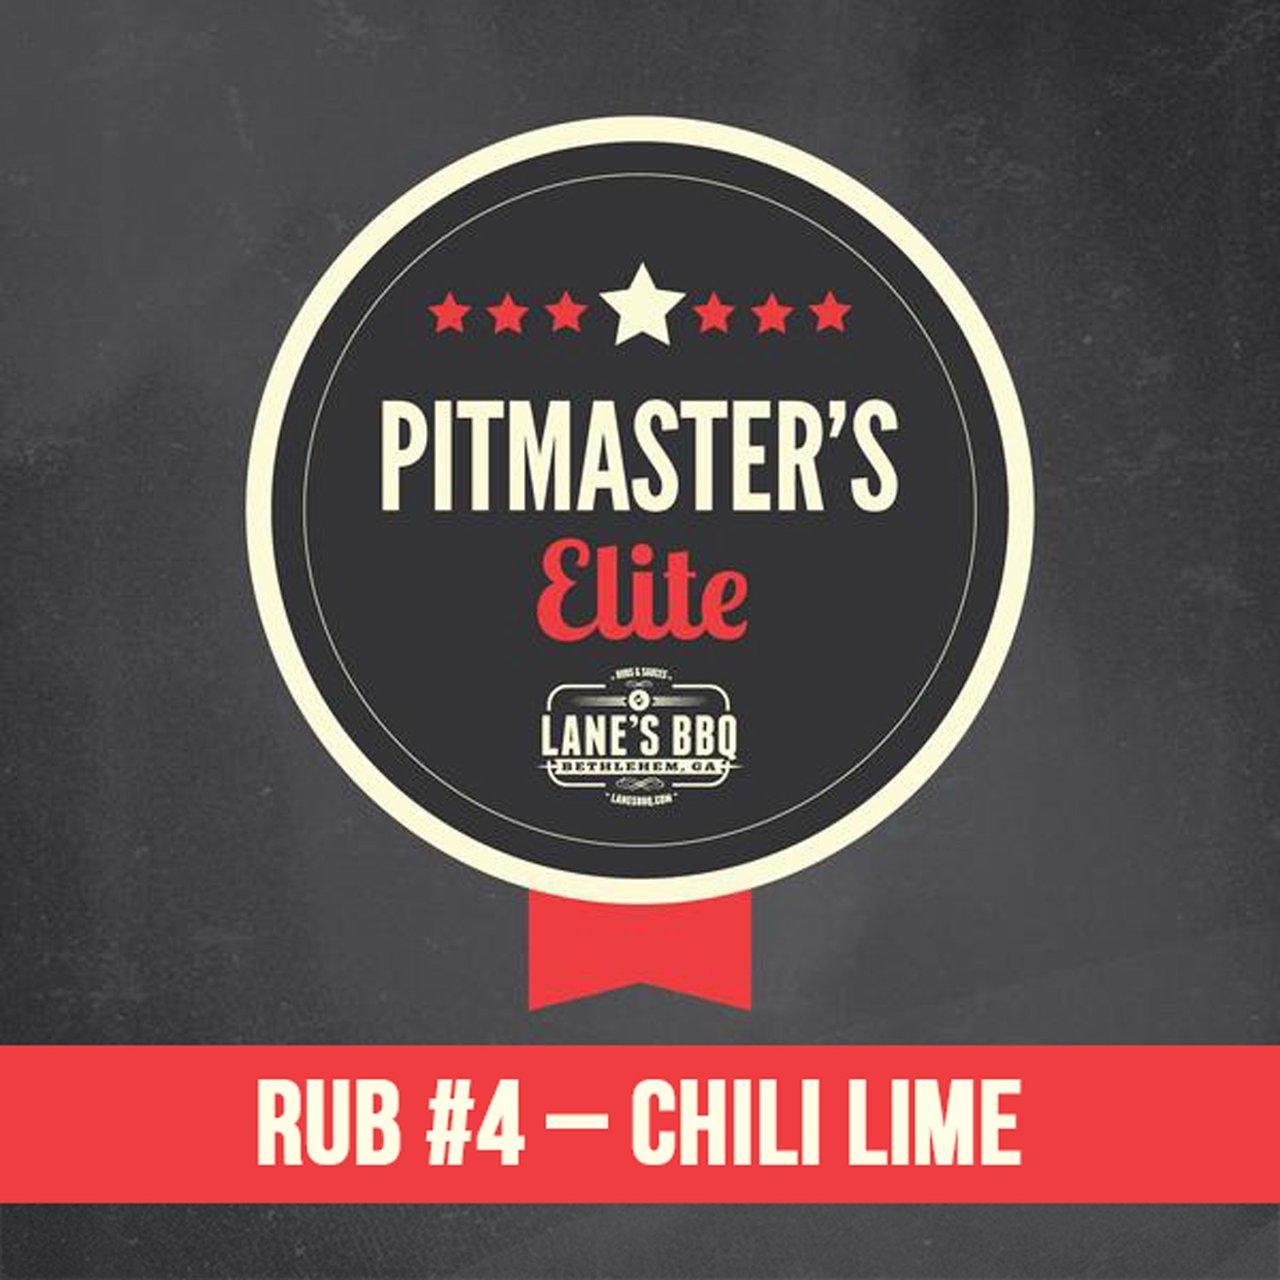 PITMASTER'S Elite Rub #4 Chili Lime $25.00